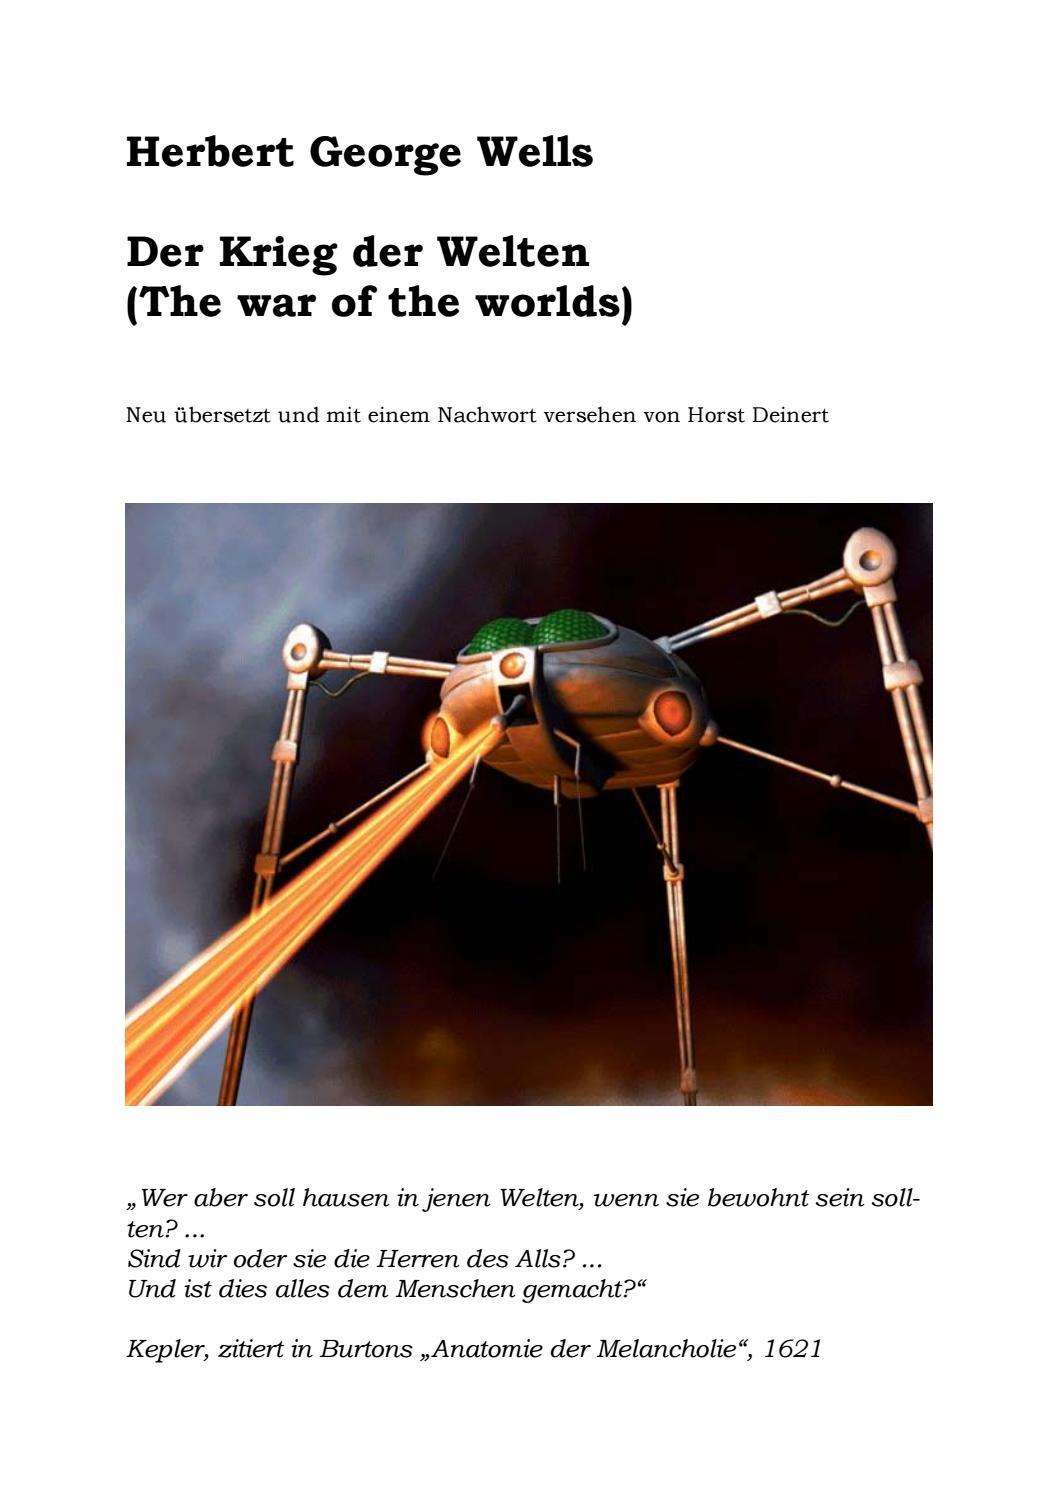 H. G. Wells - Krieg der Welten by stsy - issuu